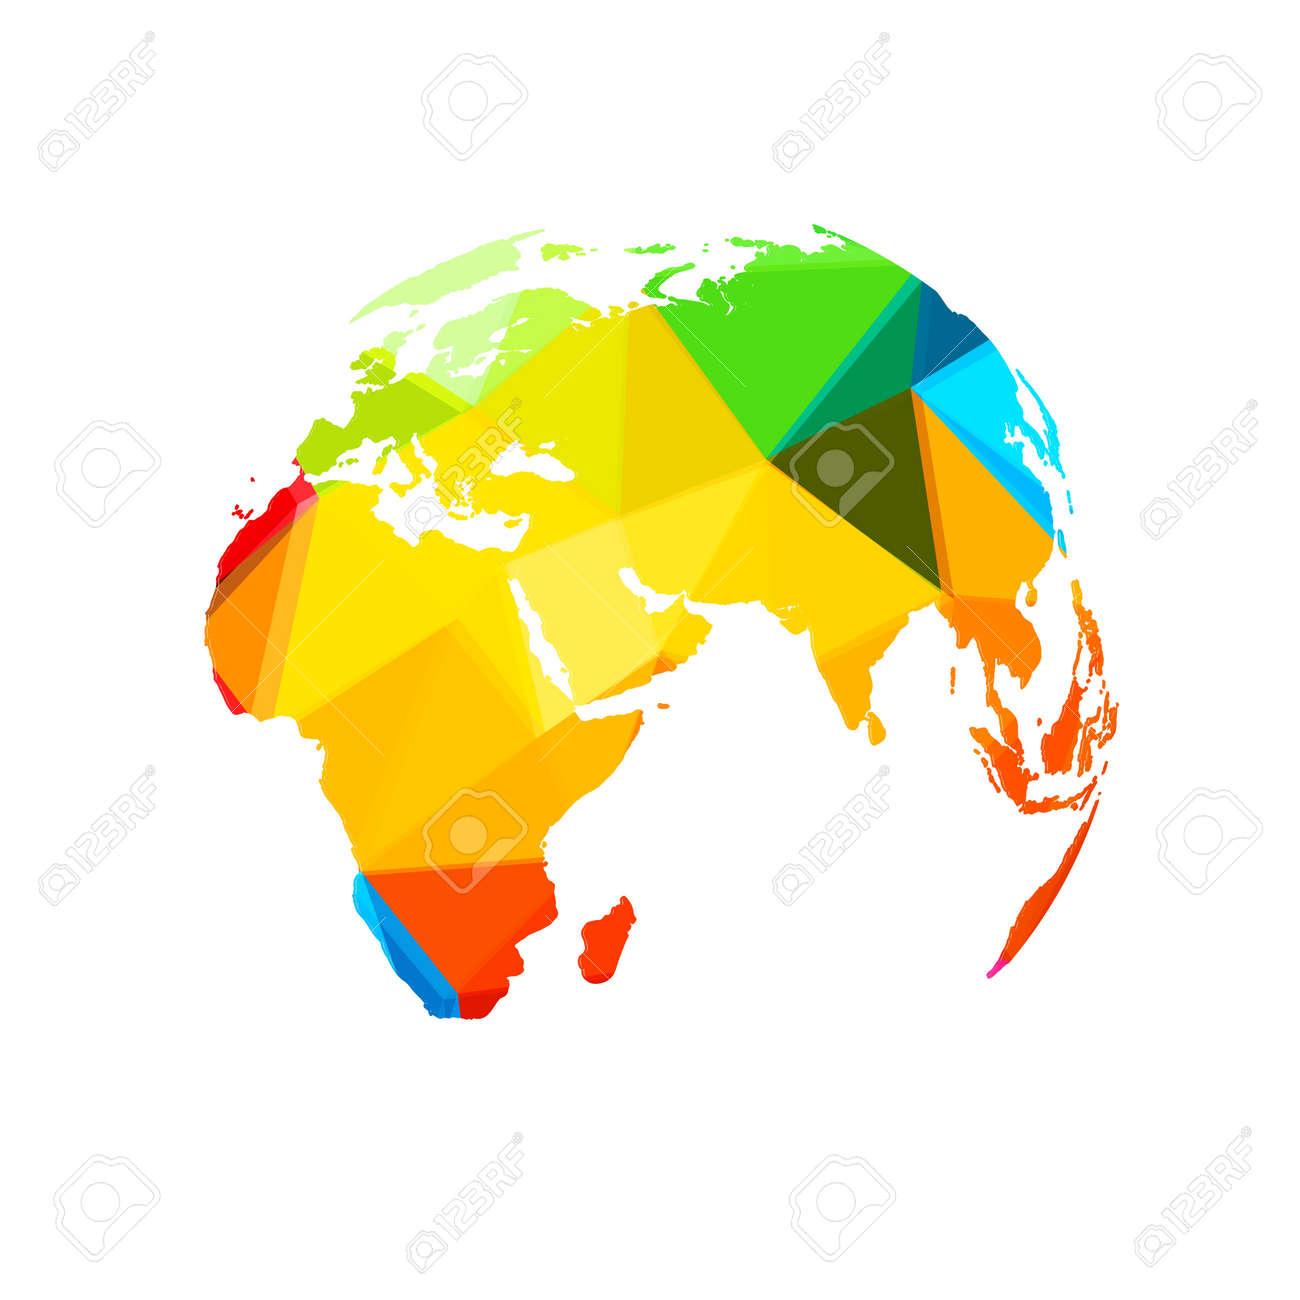 ポリゴン世界地図世界テンプレート簡単すべて編集可能のイラスト素材